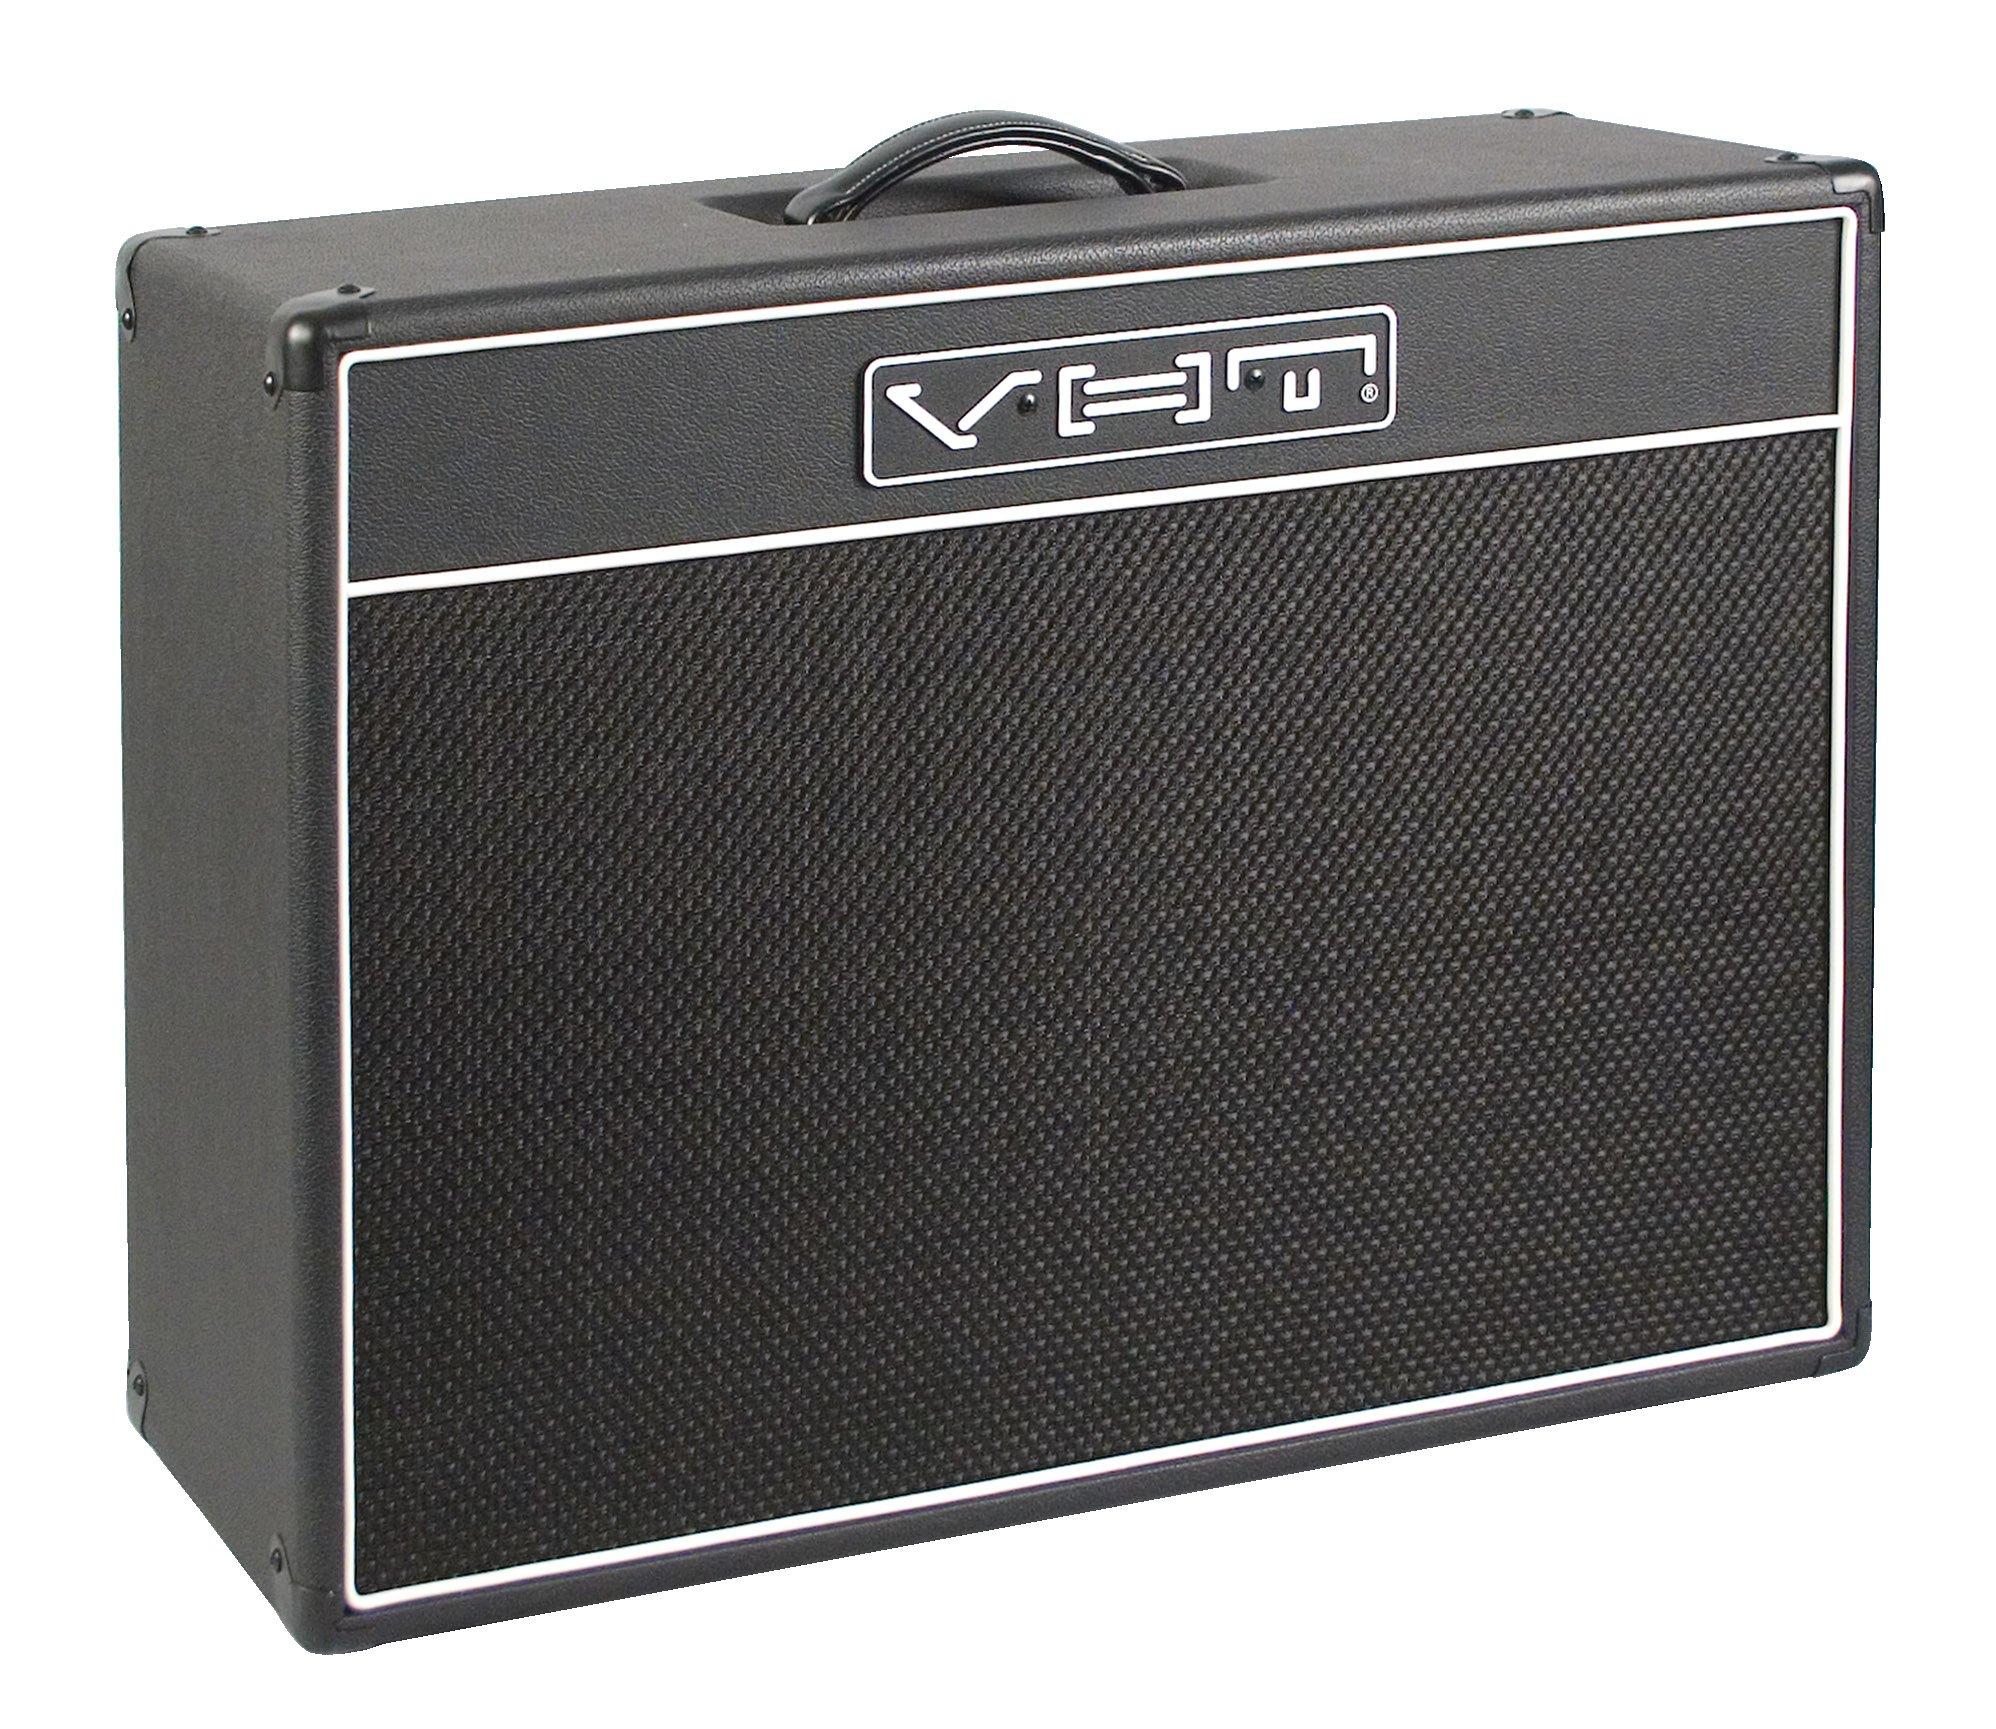 VHT AV-AL-212E Open Back 212 Speaker Cabinet, Empty by VHT